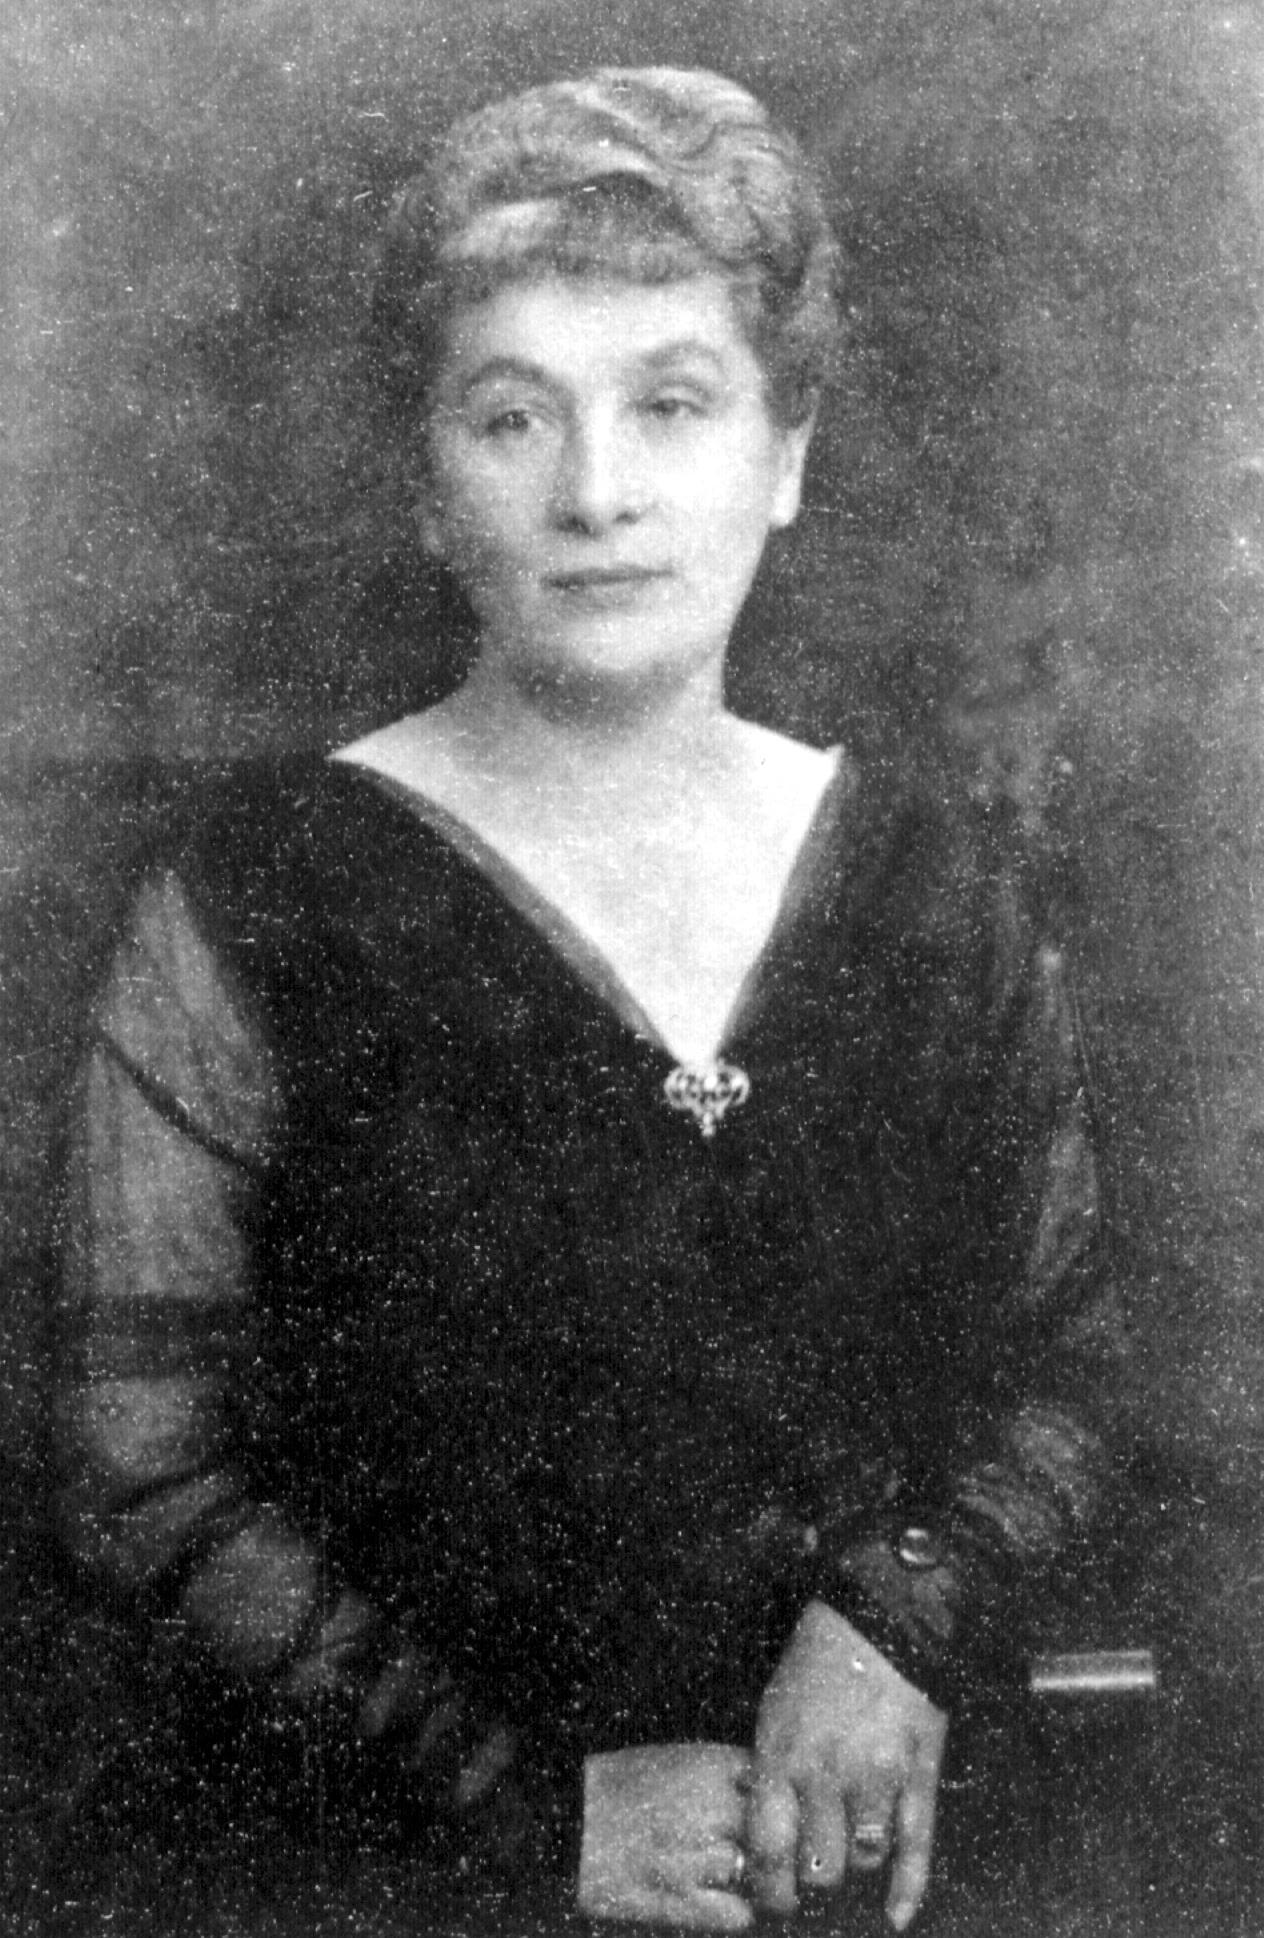 Portrait of Jenny Giesenow